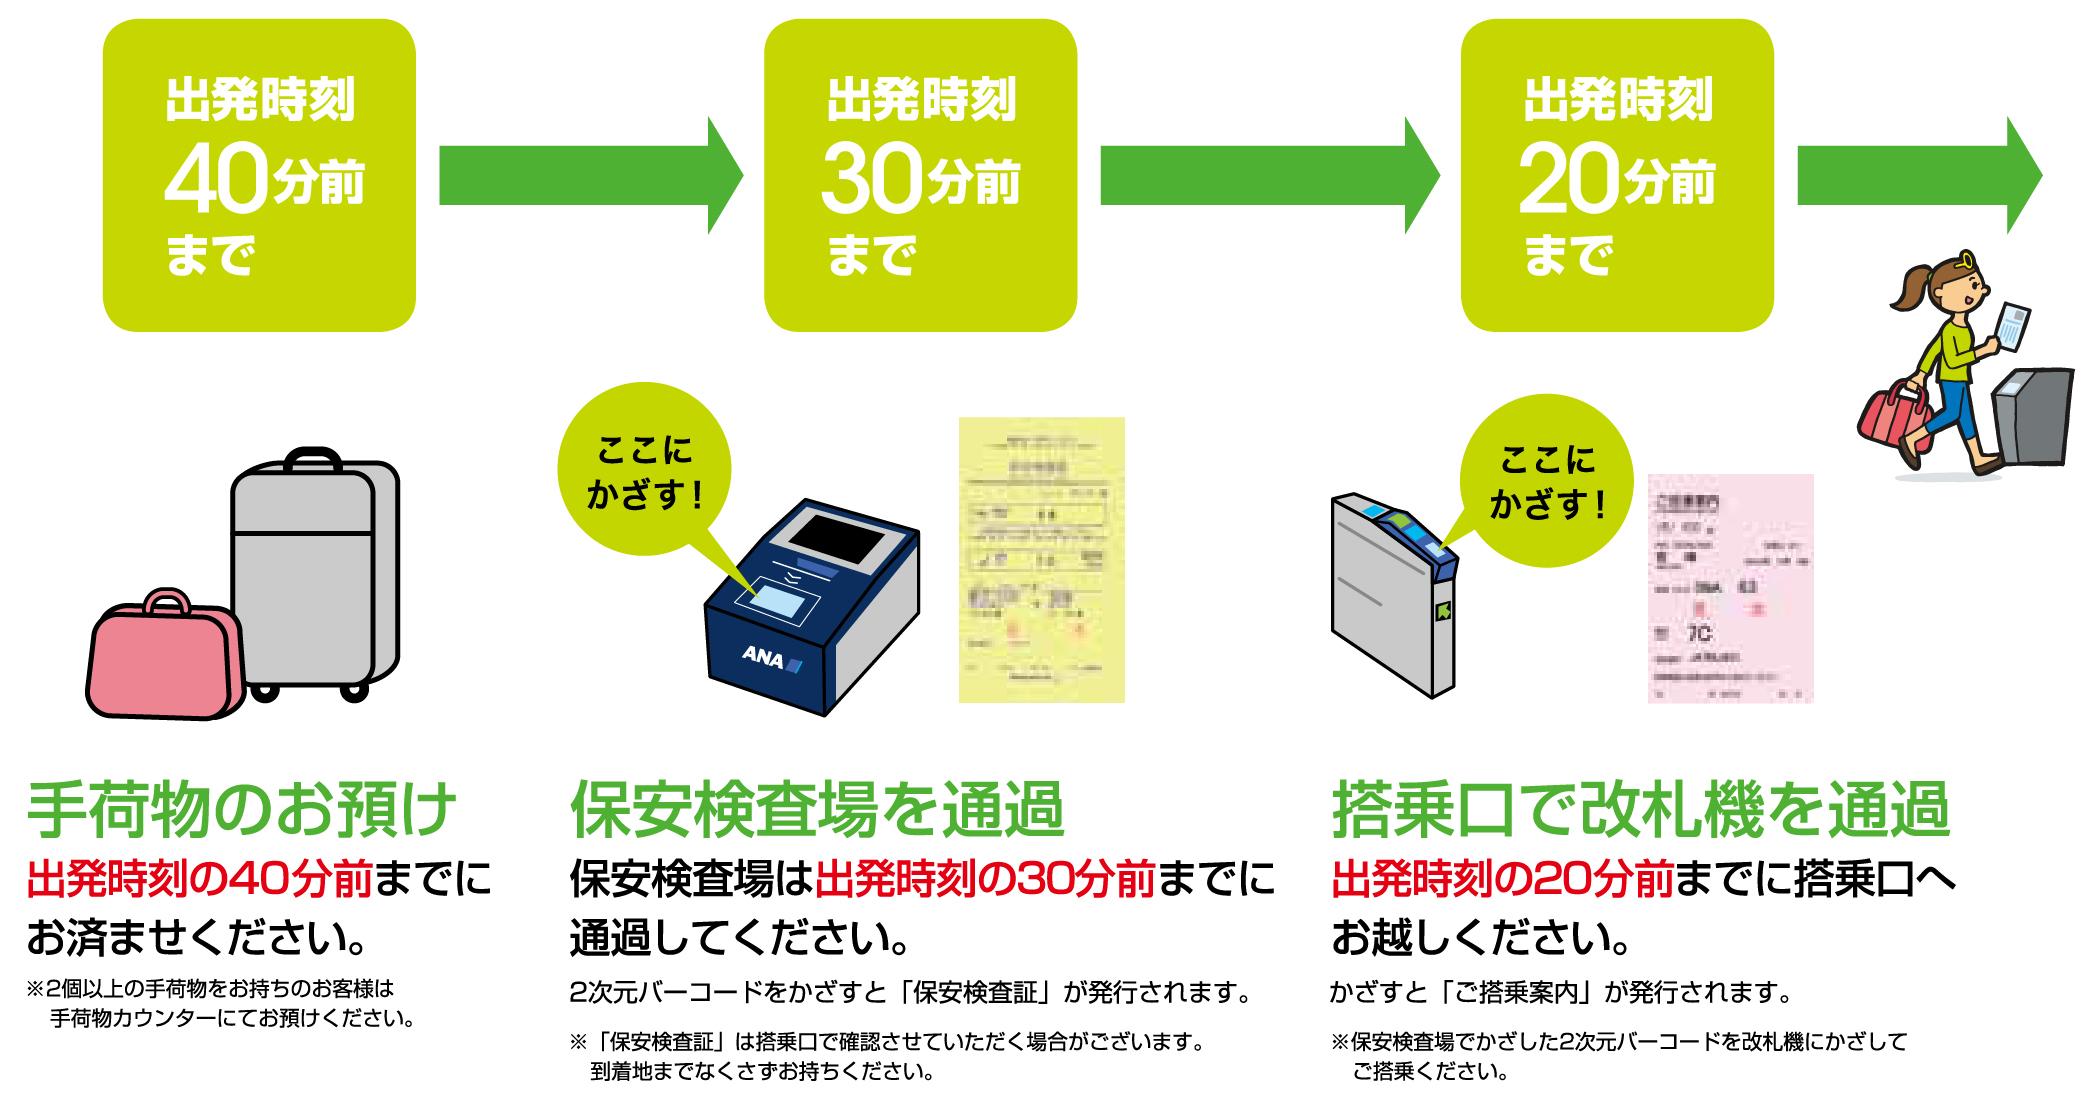 tojo_info_L.jpg